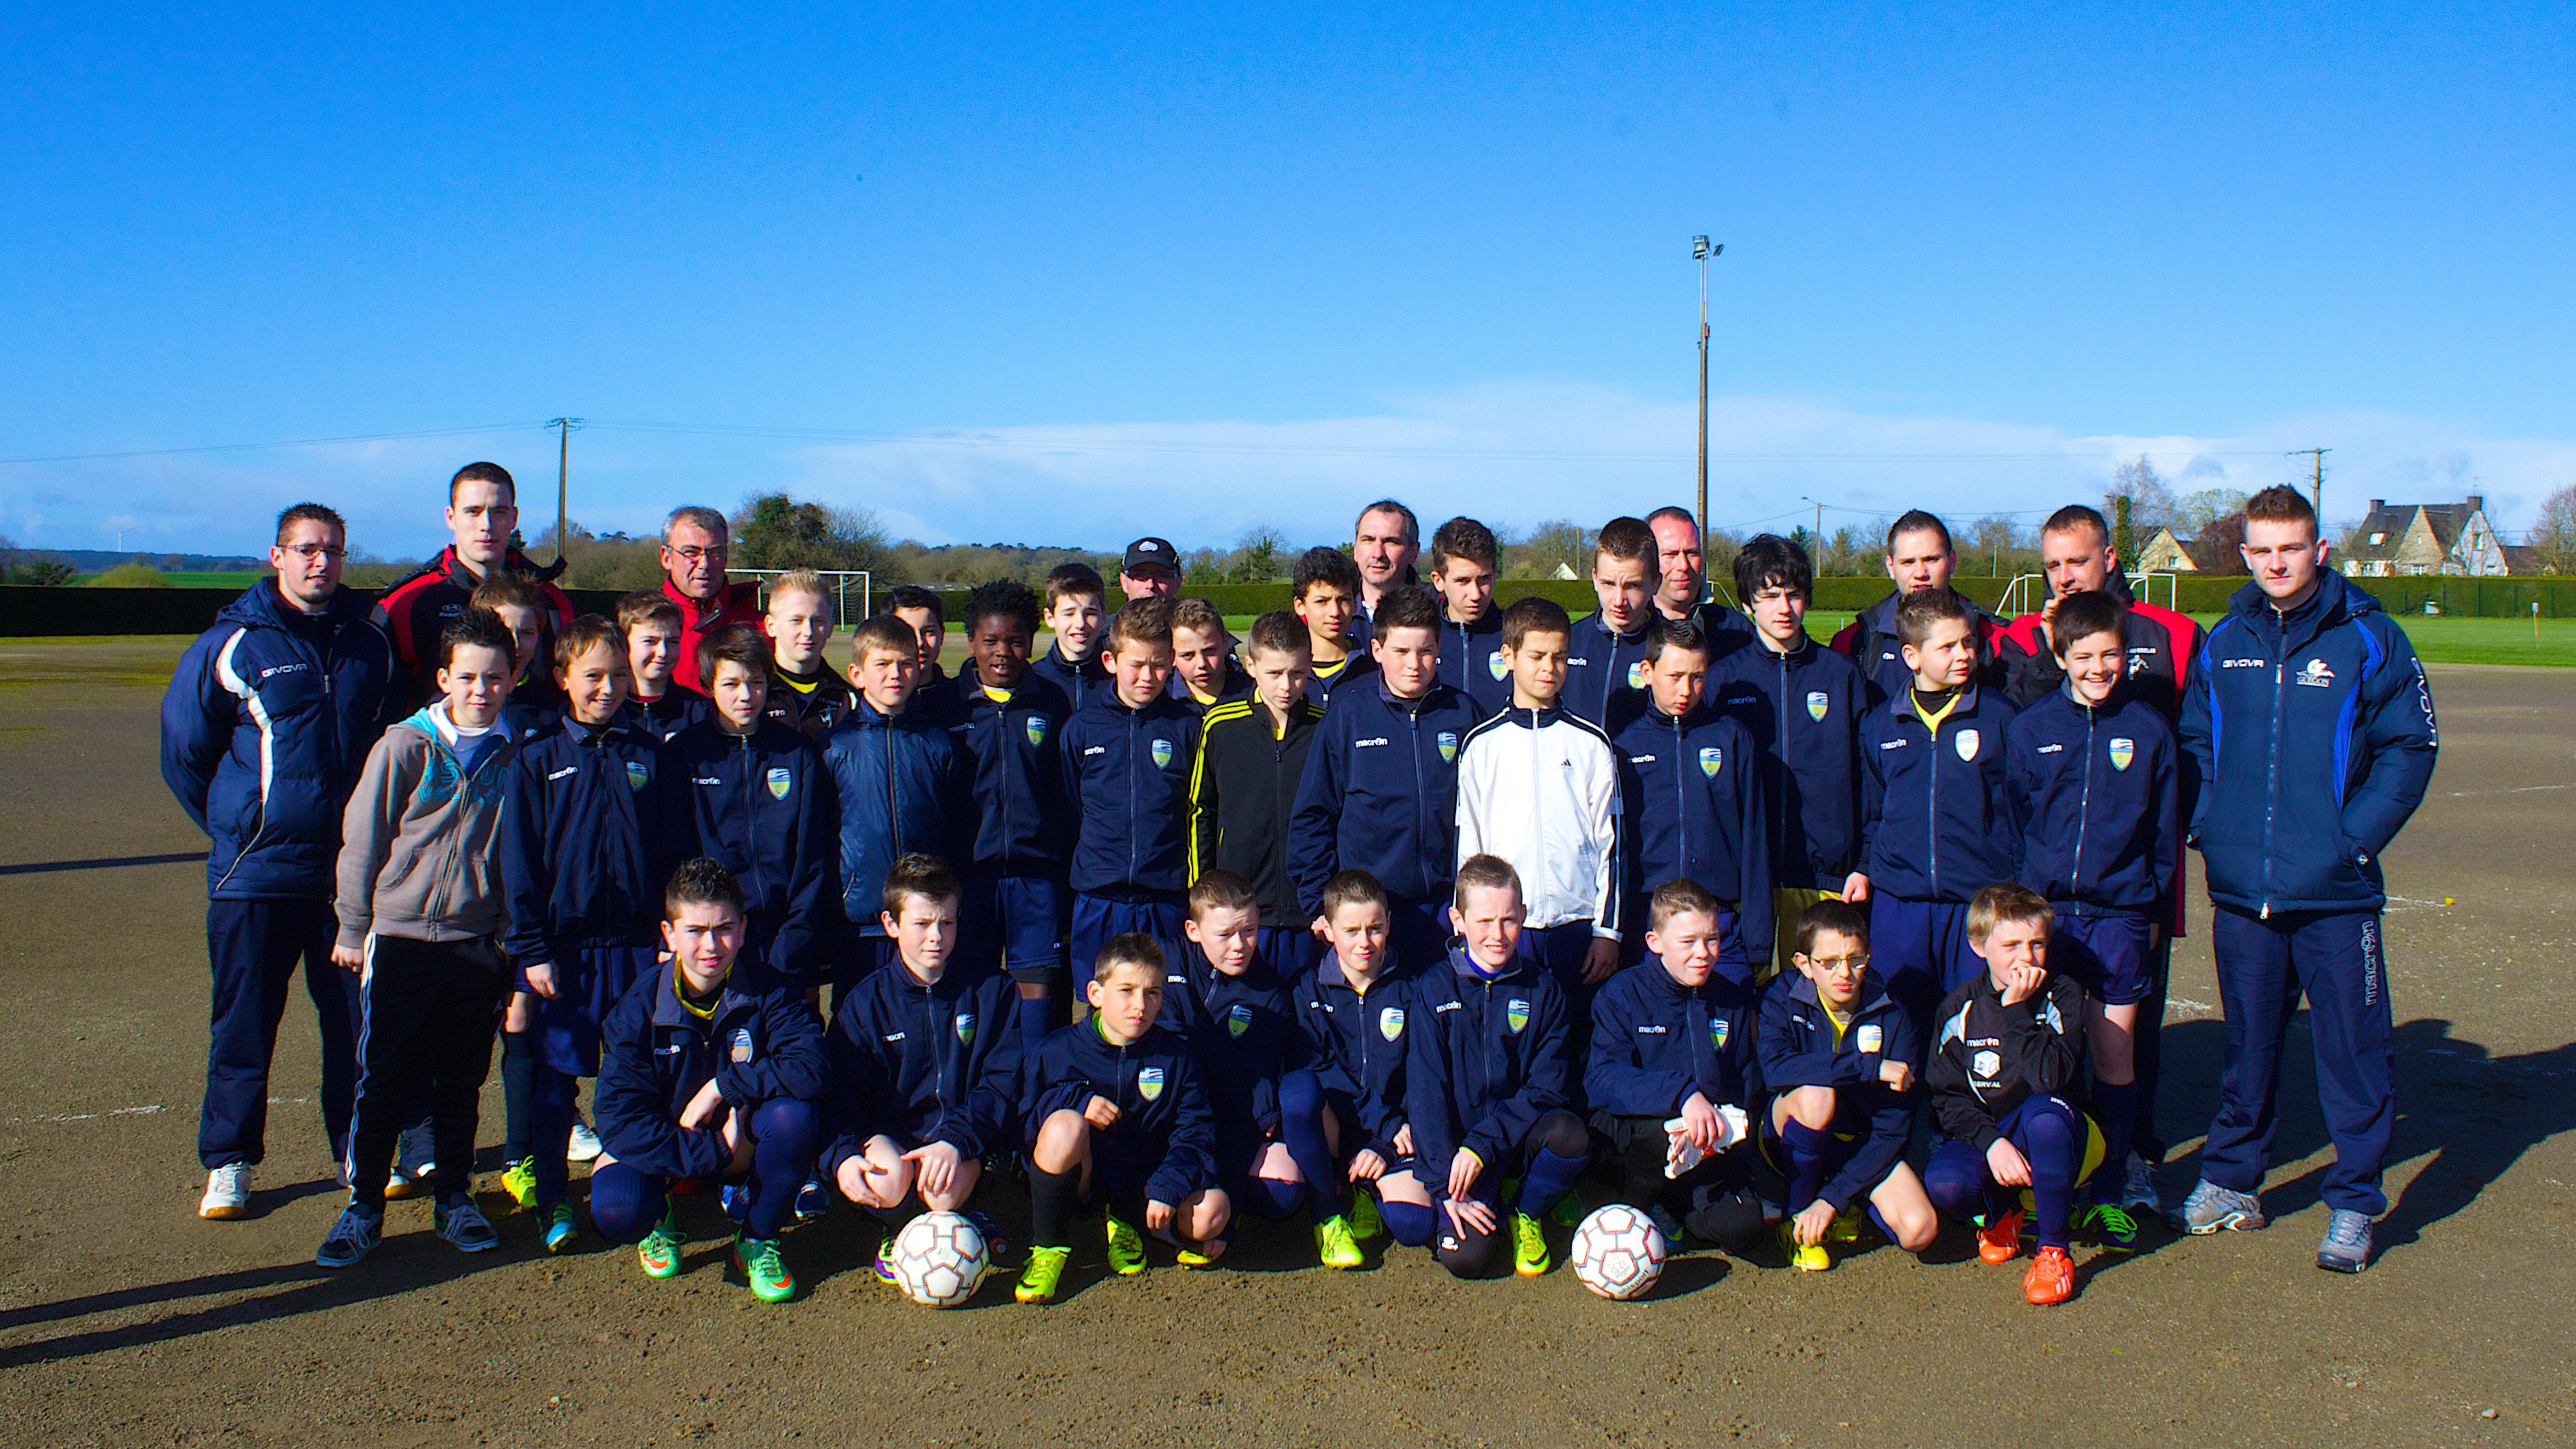 Groupe U13 du Groupement des Jeunes du Pays de Josselin - saison de football 2013/2014